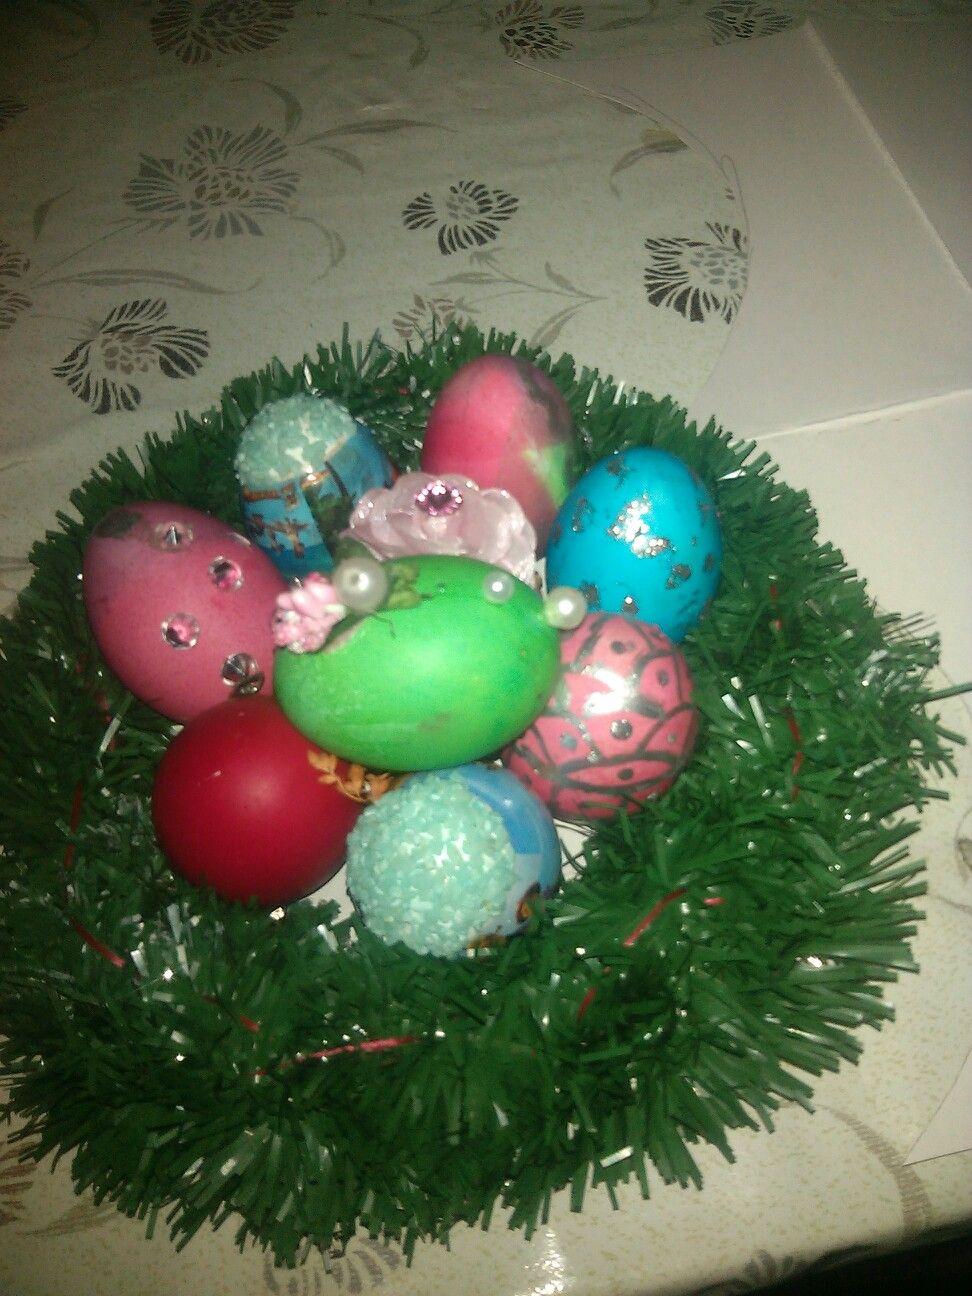 Boyali Yumurta Painting Eggs Novruz Bayrami Azәrbaycan Christmas Bulbs Christmas Ornaments Holiday Decor